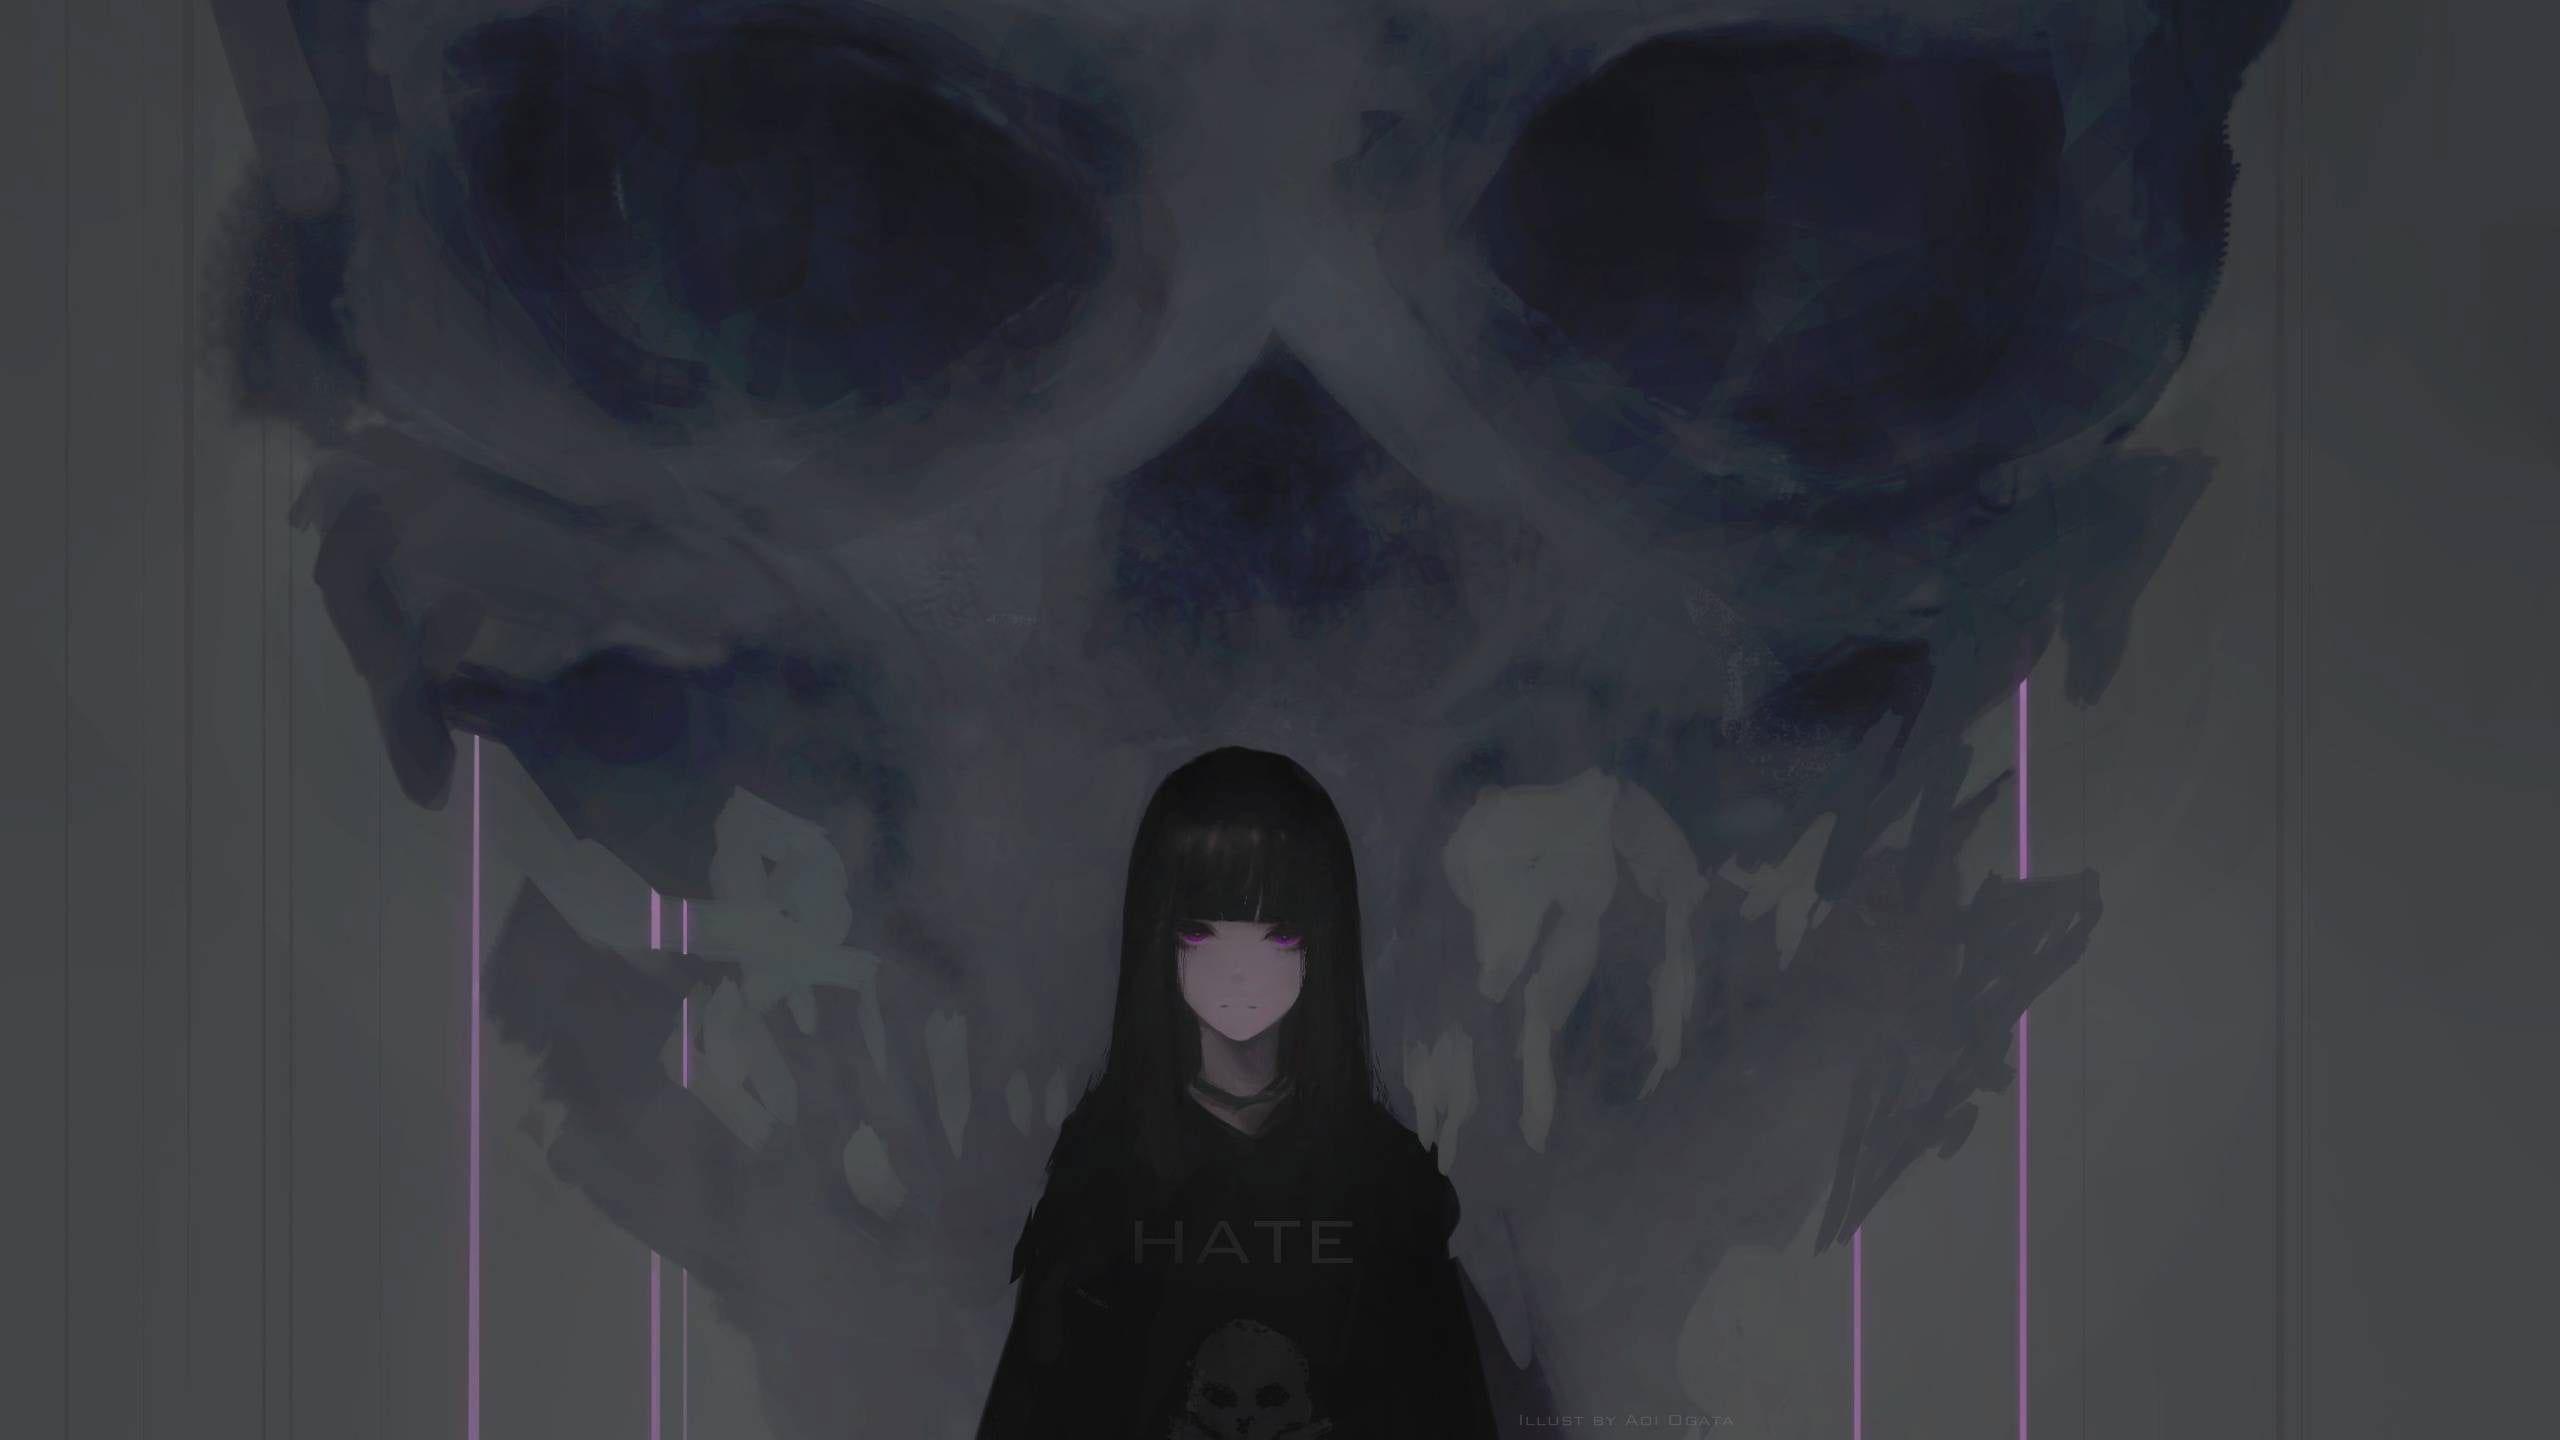 Black Haired Female Illustration Wallpaper Digital Art Artwork Aoi Ogata Anime Wallpaper Black Aesthetic Wallpaper Dark Anime Dark anime ipad wallpaper